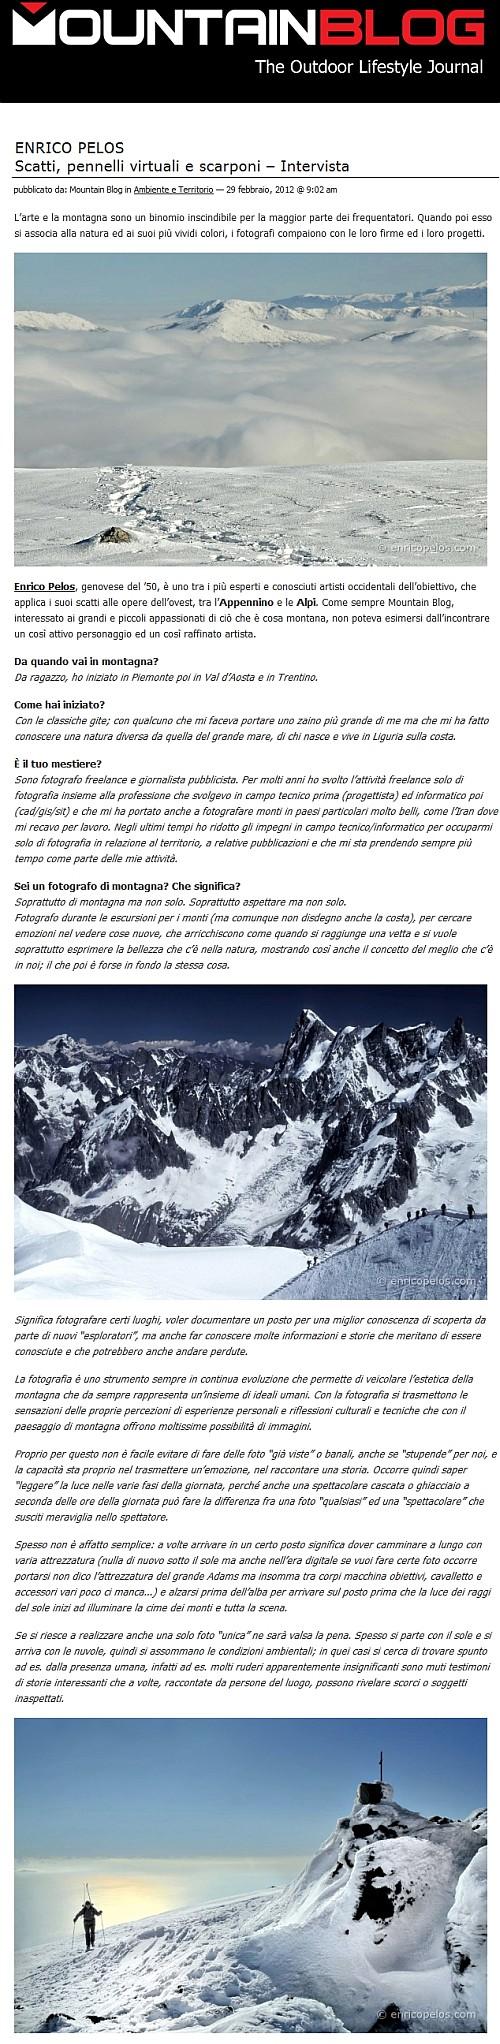 Intervista per Mountain Blog da parte di Christian Roccati